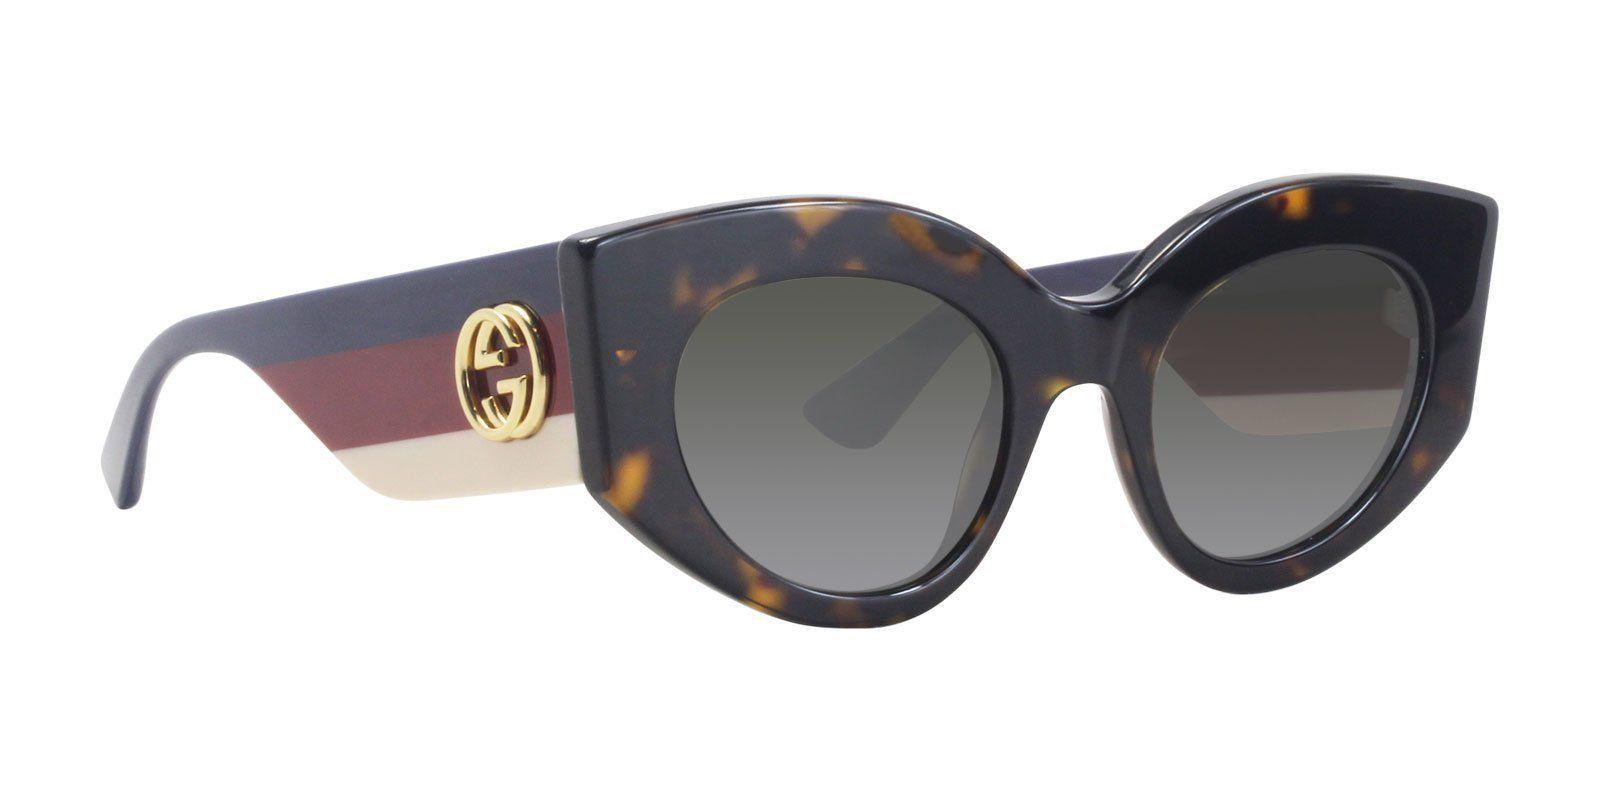 0736d1207fa Gucci - GG0275S 002-sunglasses-Designer Eyes